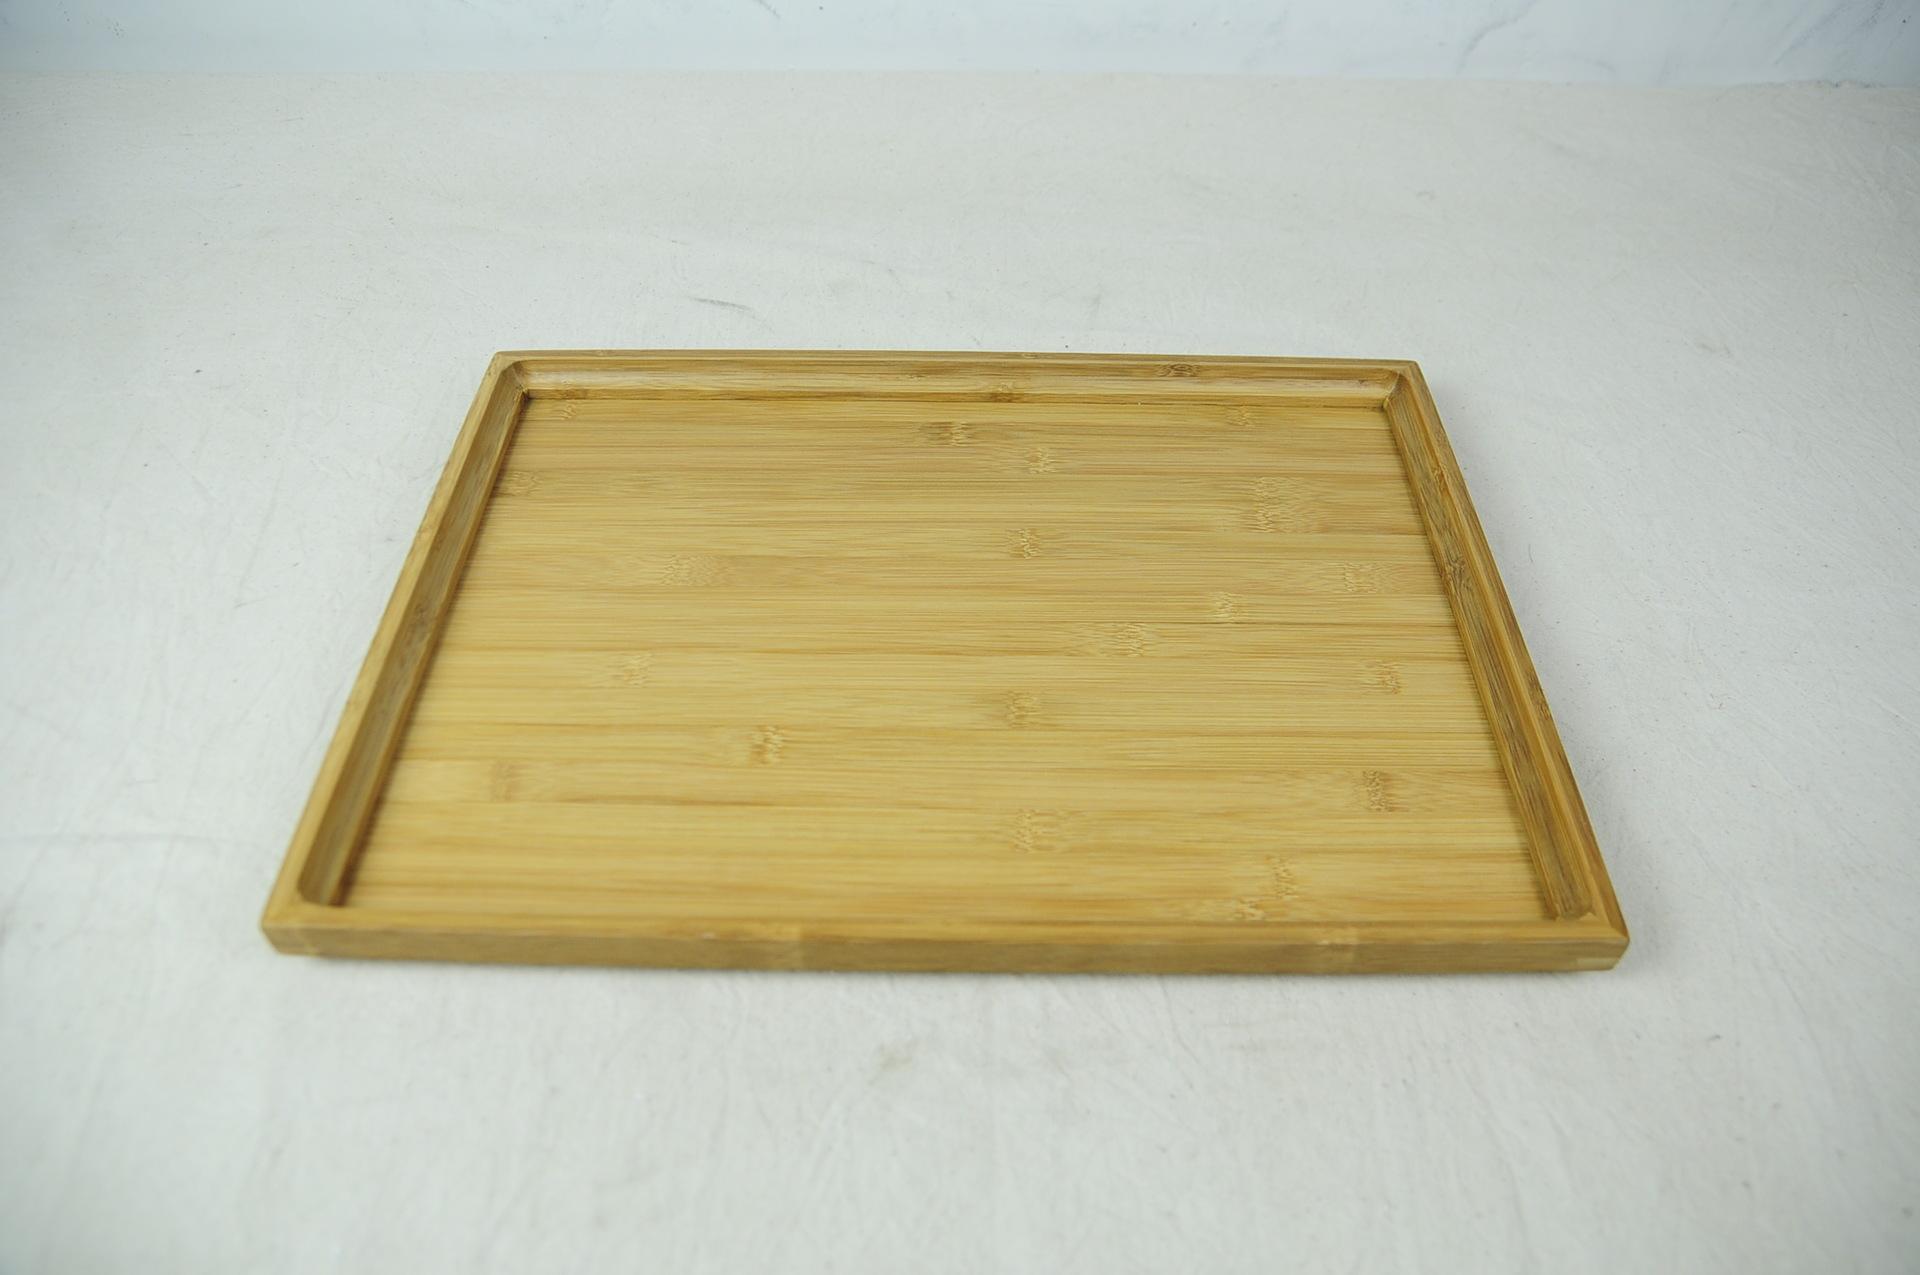 红茶包装盒 竹制品红茶包装盒 茶盒